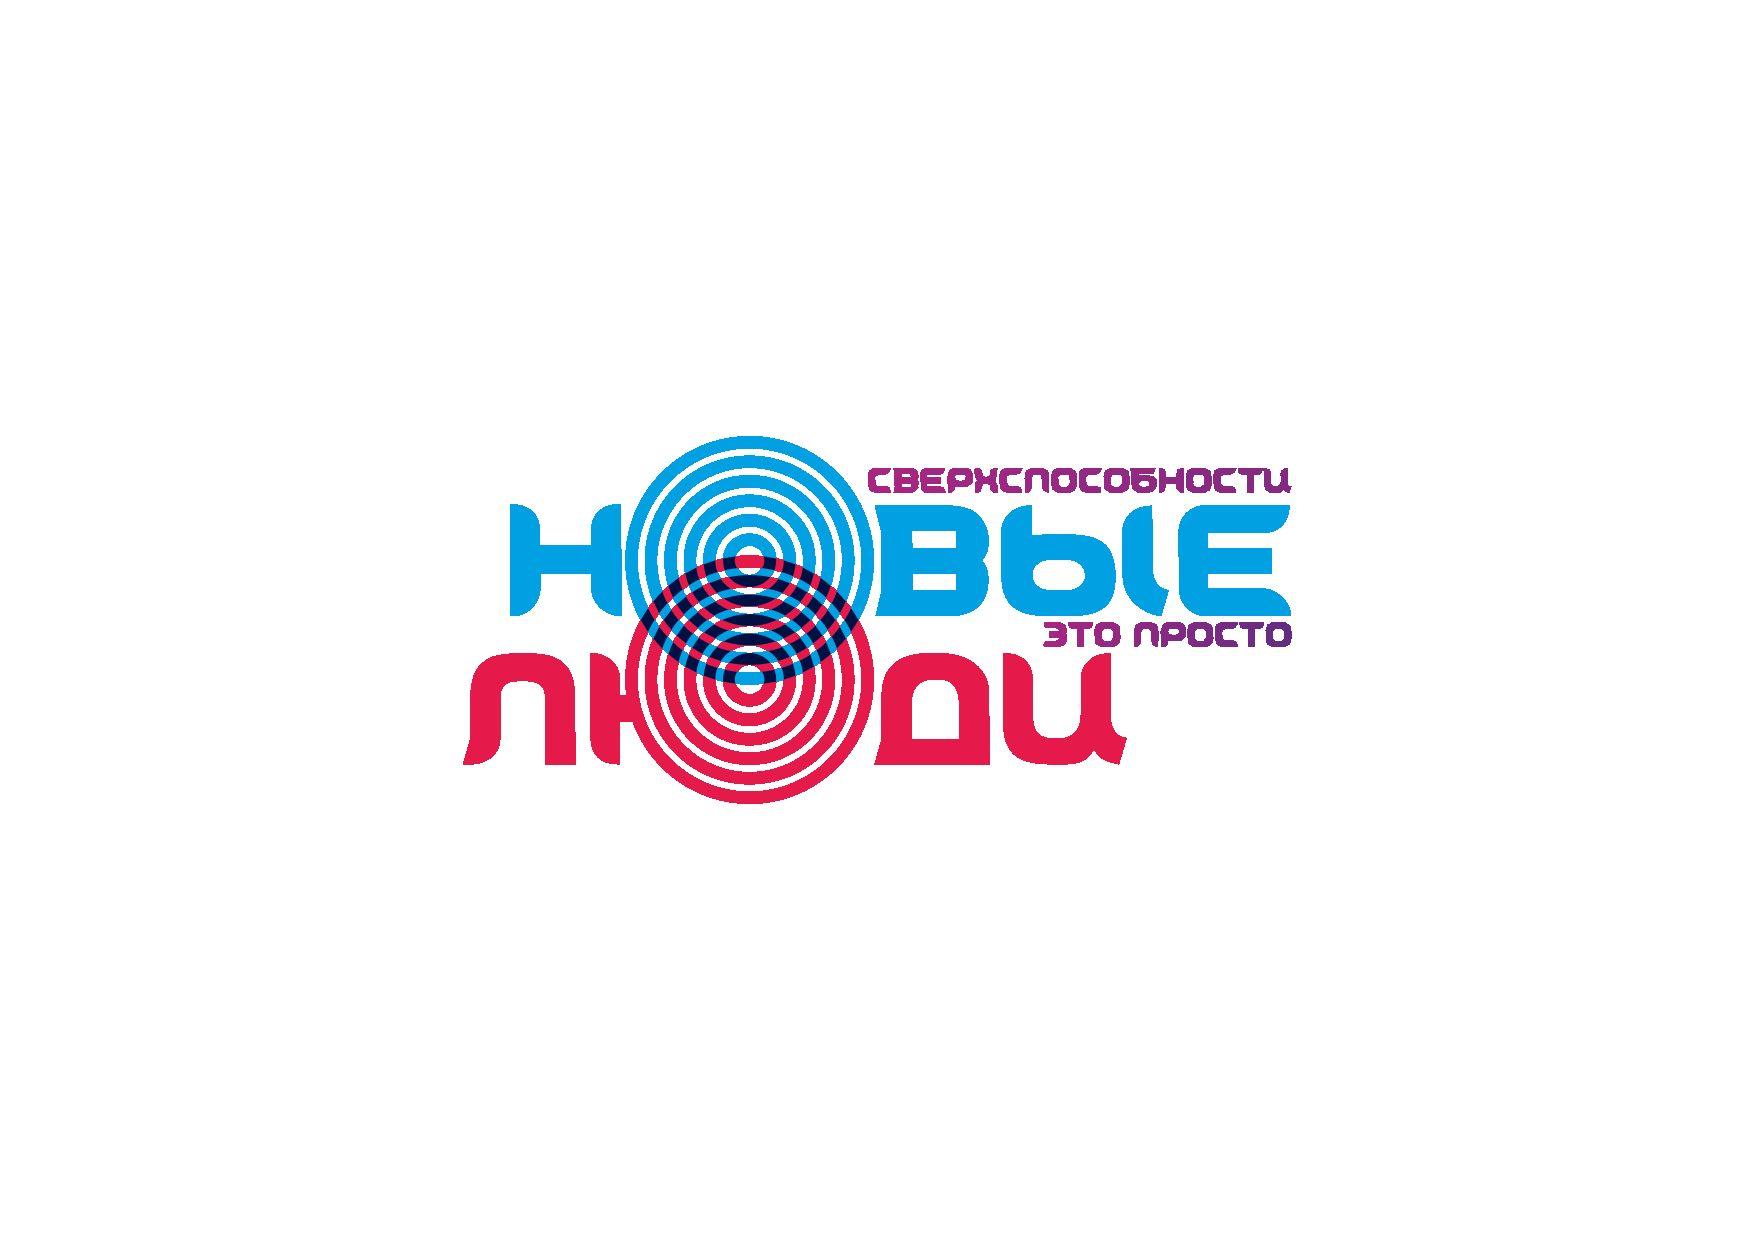 Лого и стиль тренингового центра/системы знаний - дизайнер bor23